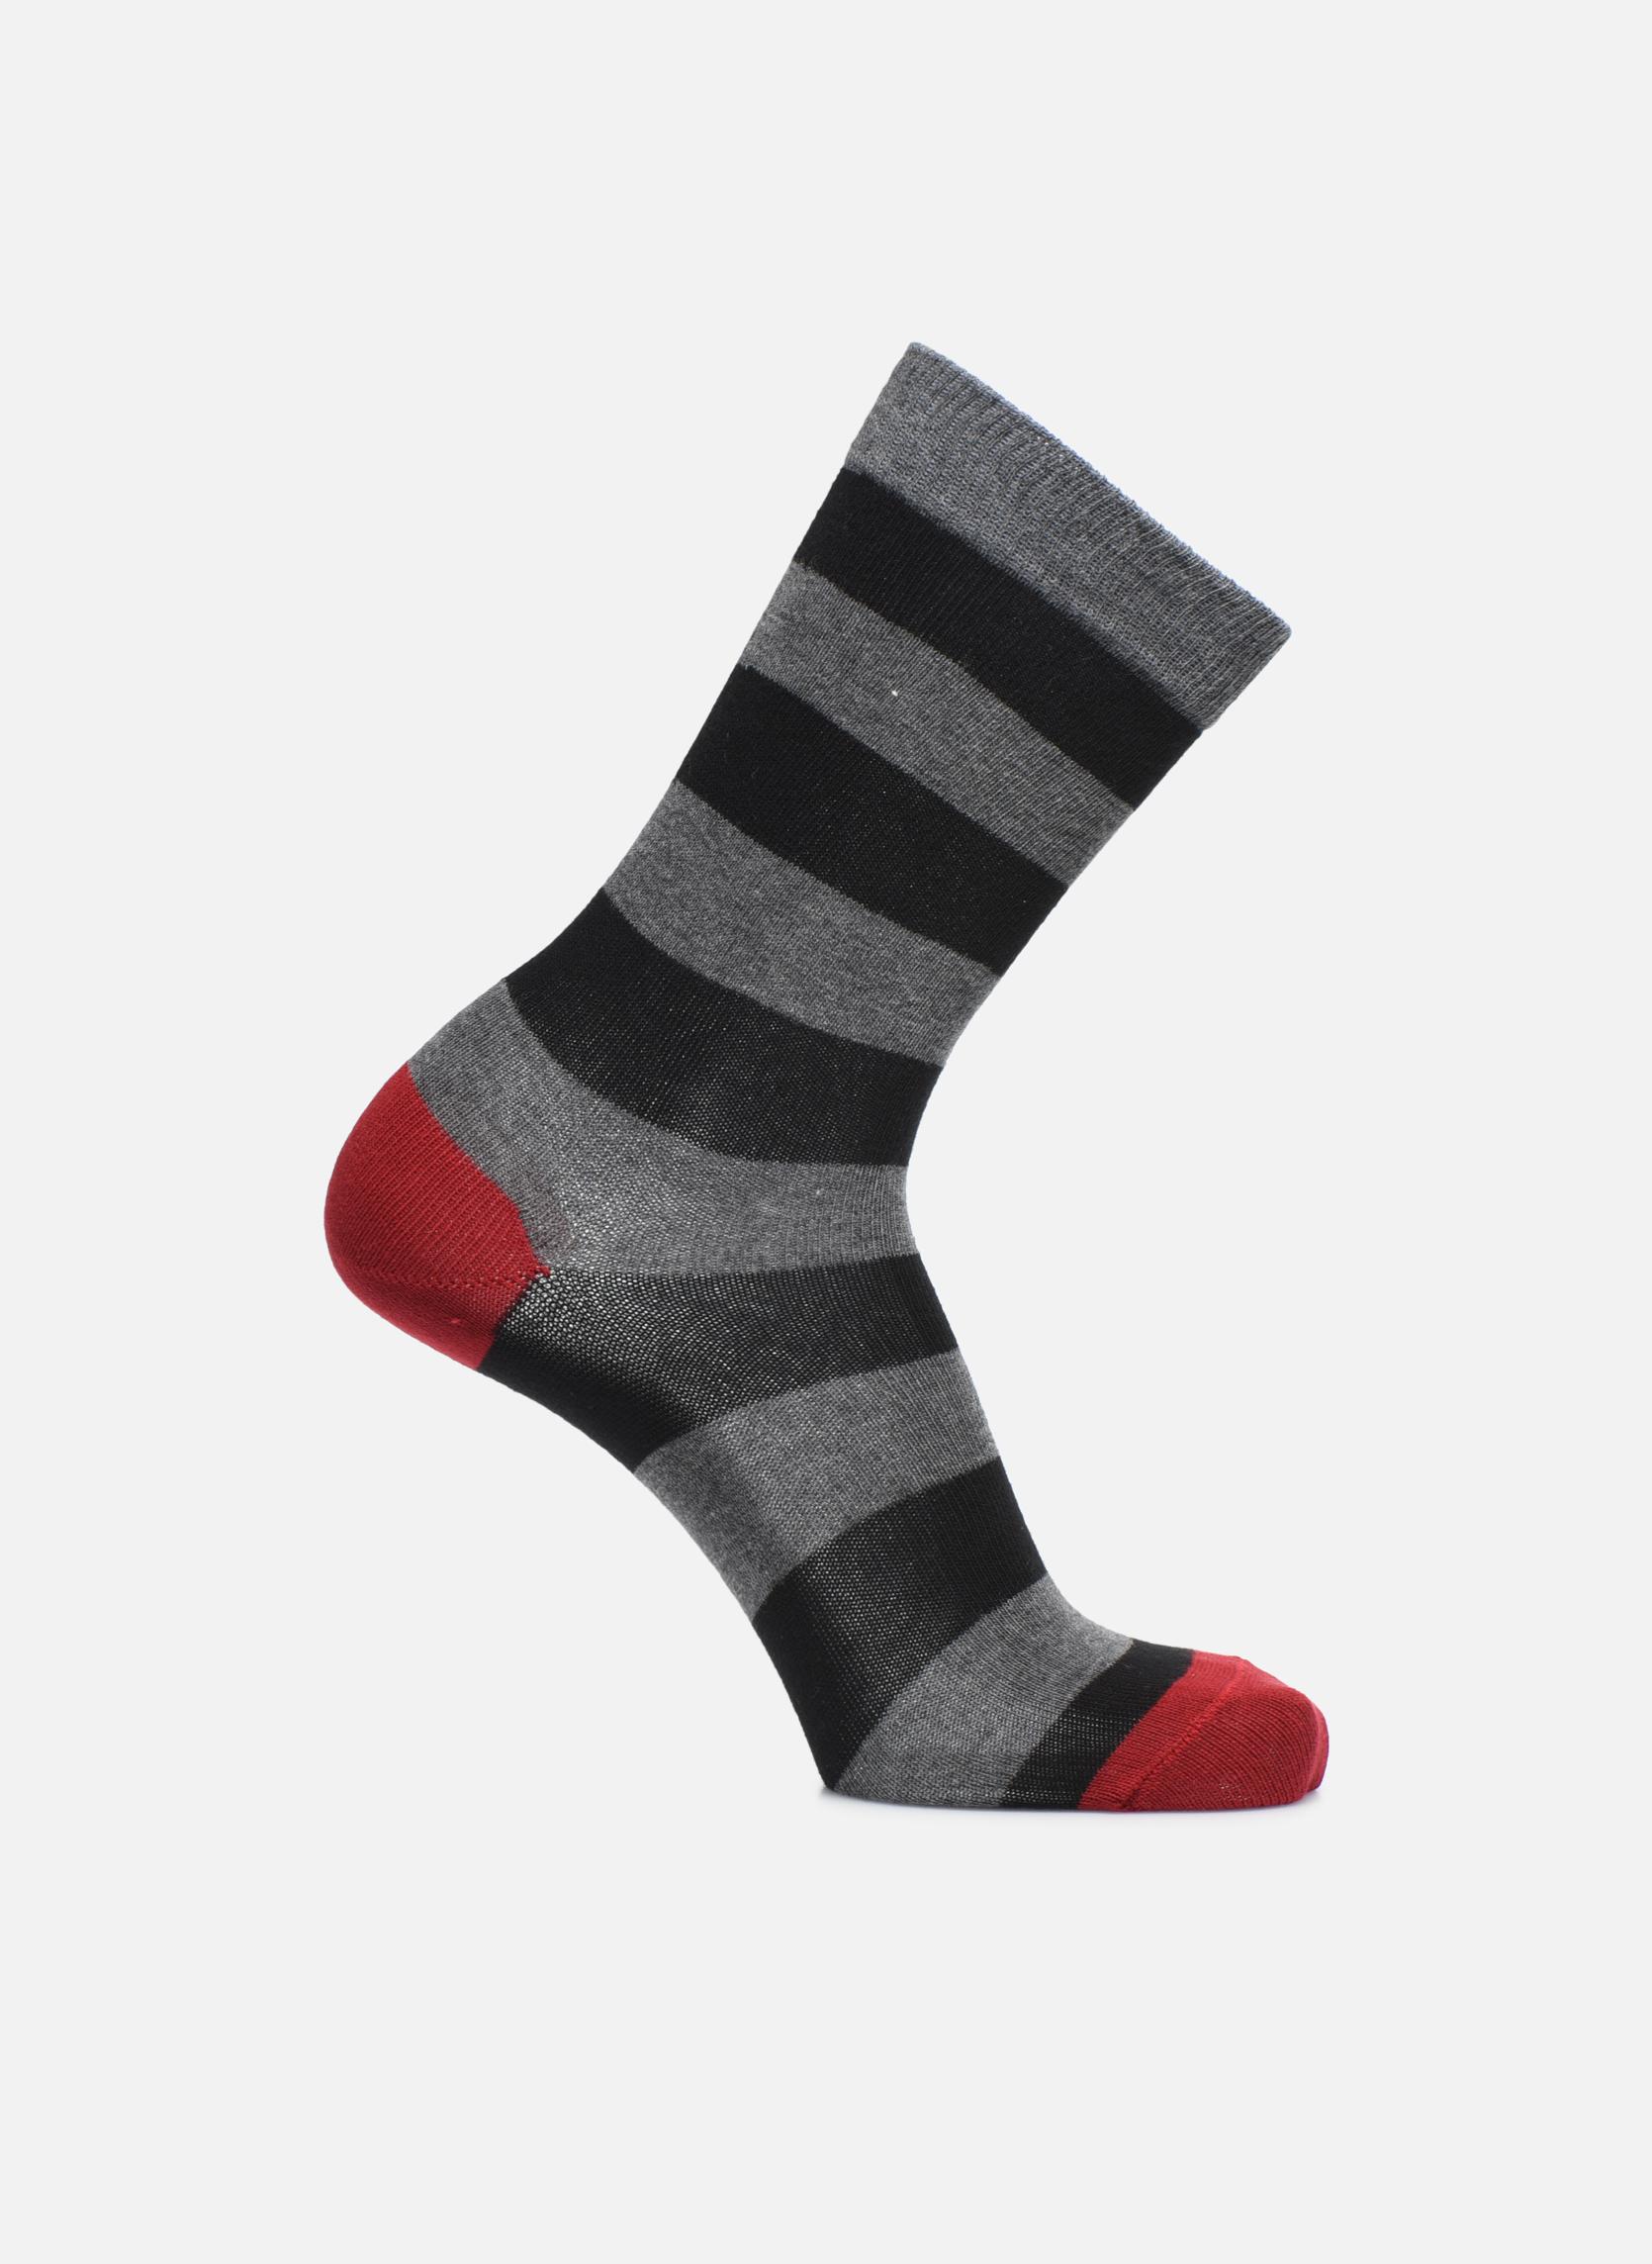 Chaussettes larges rayures gris/noir,